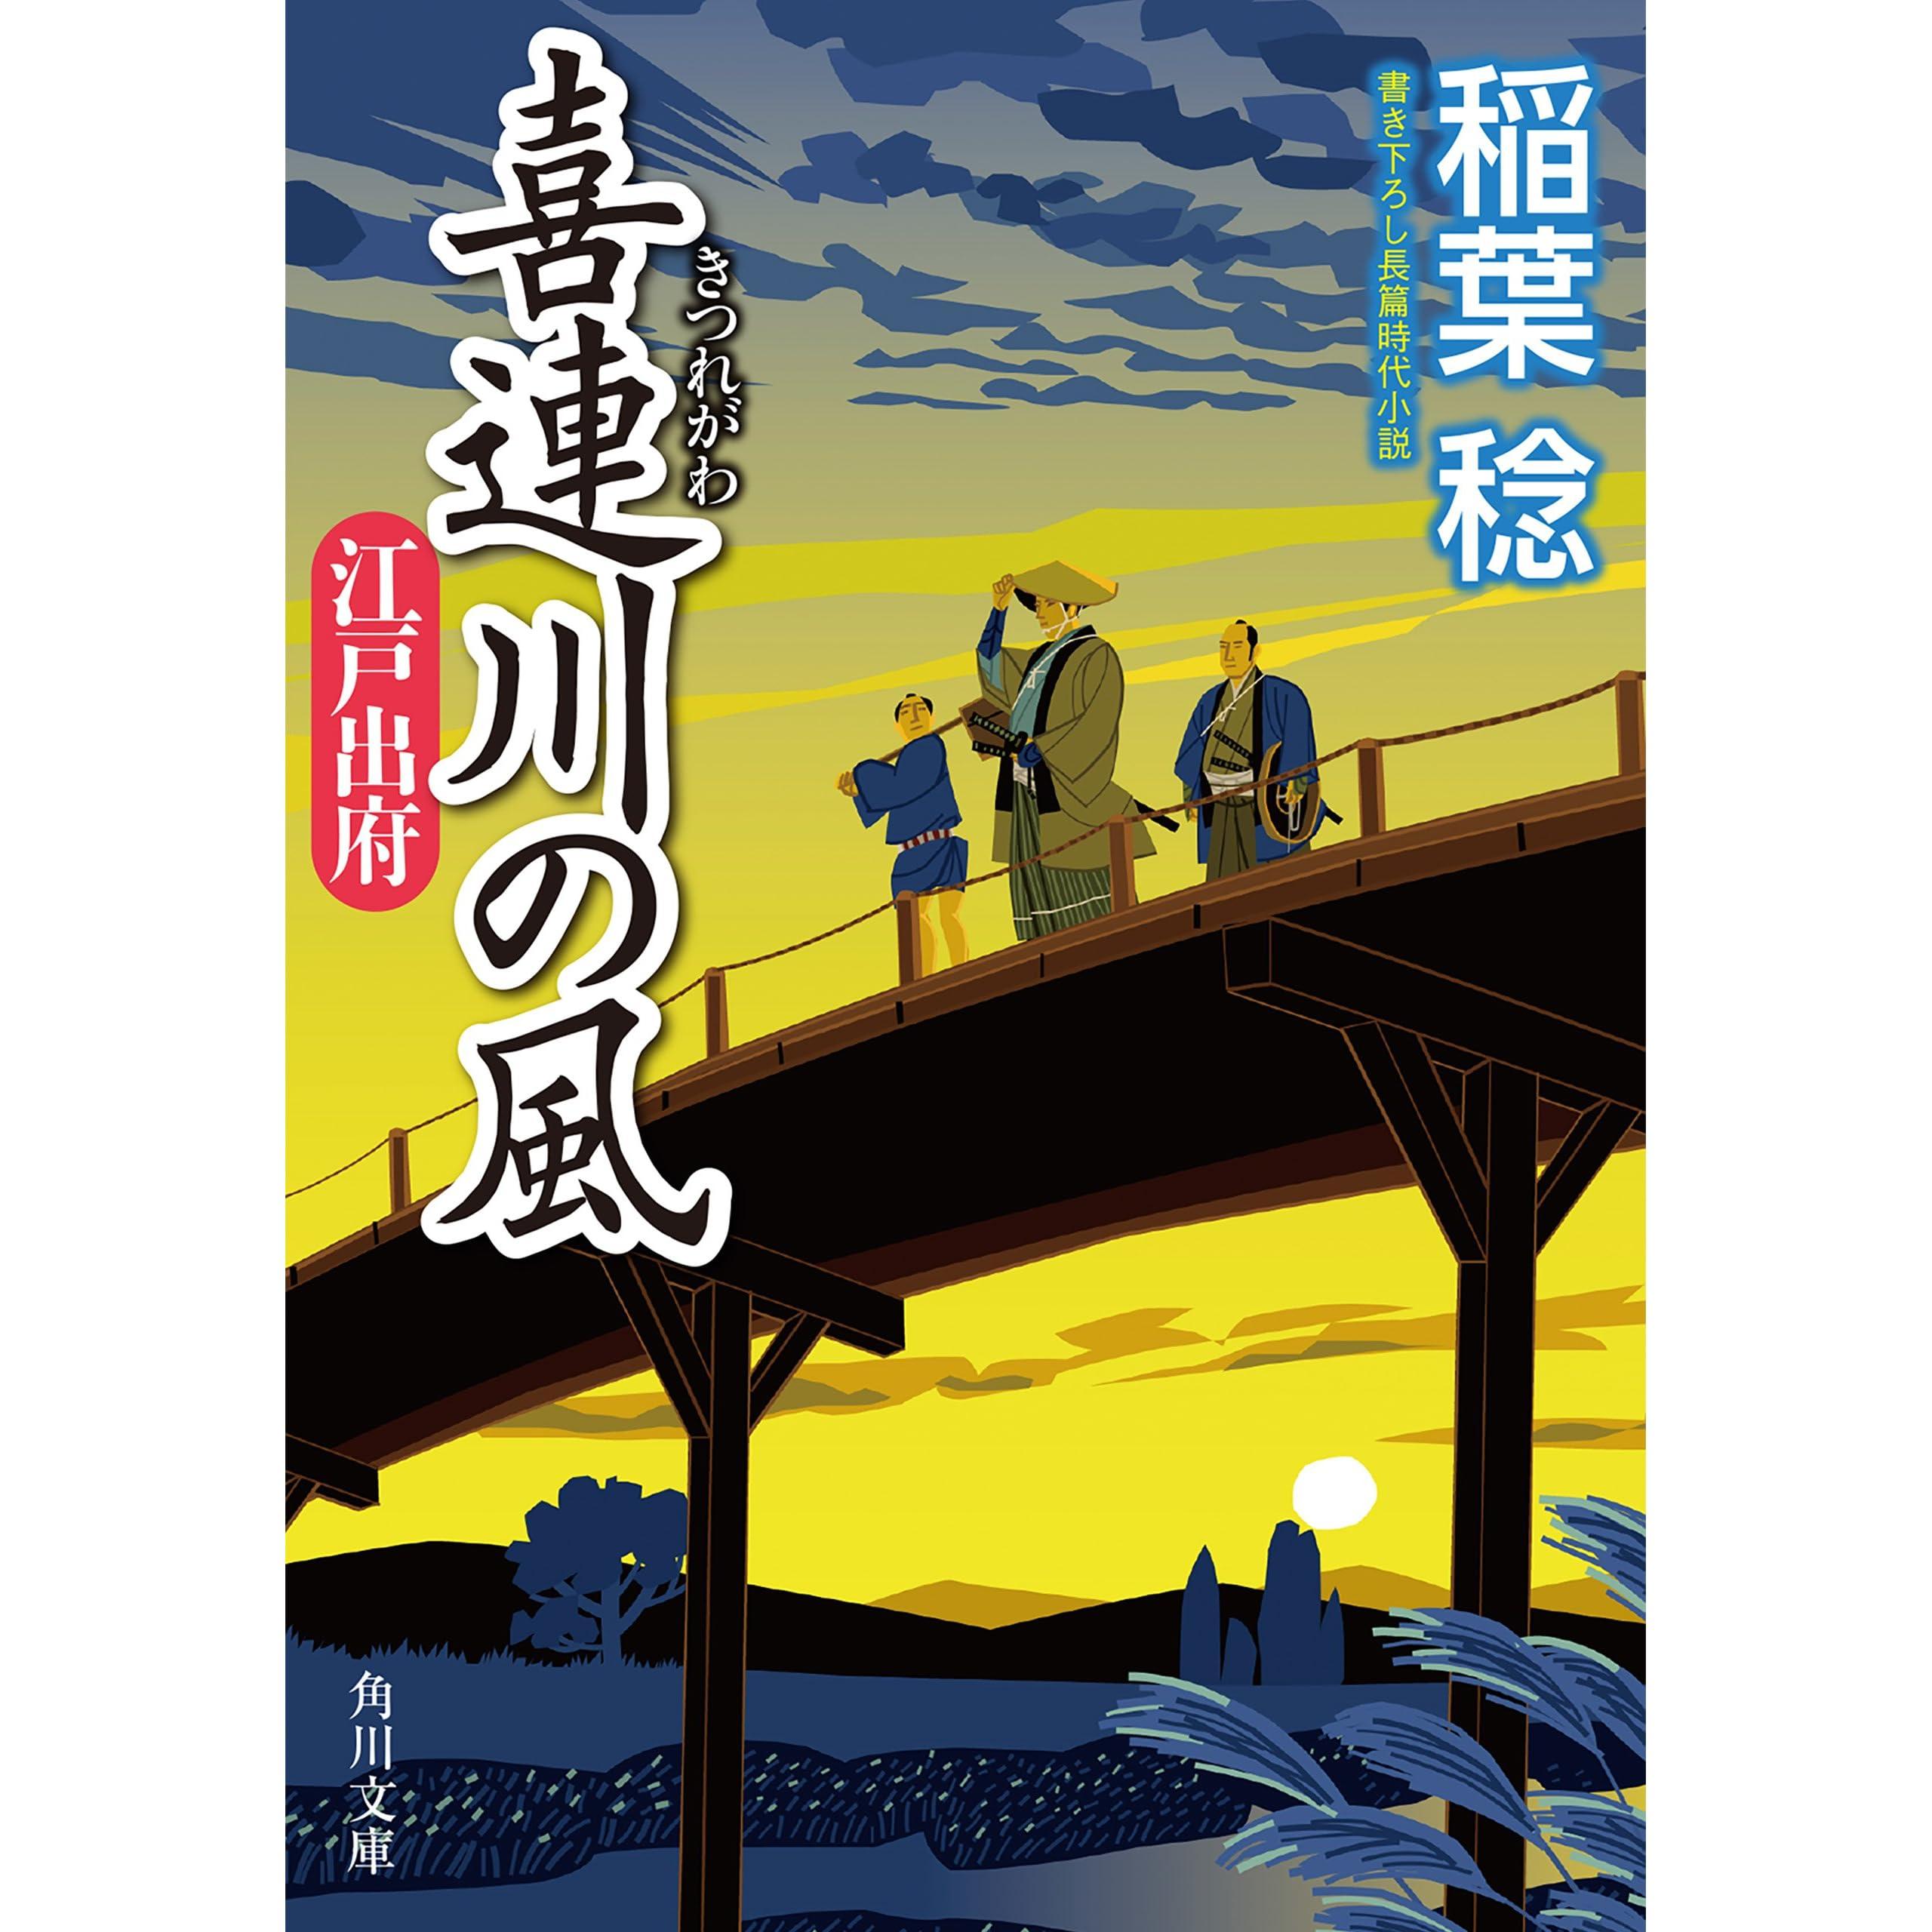 喜連川の風 江戸出府 by 稲葉 稔